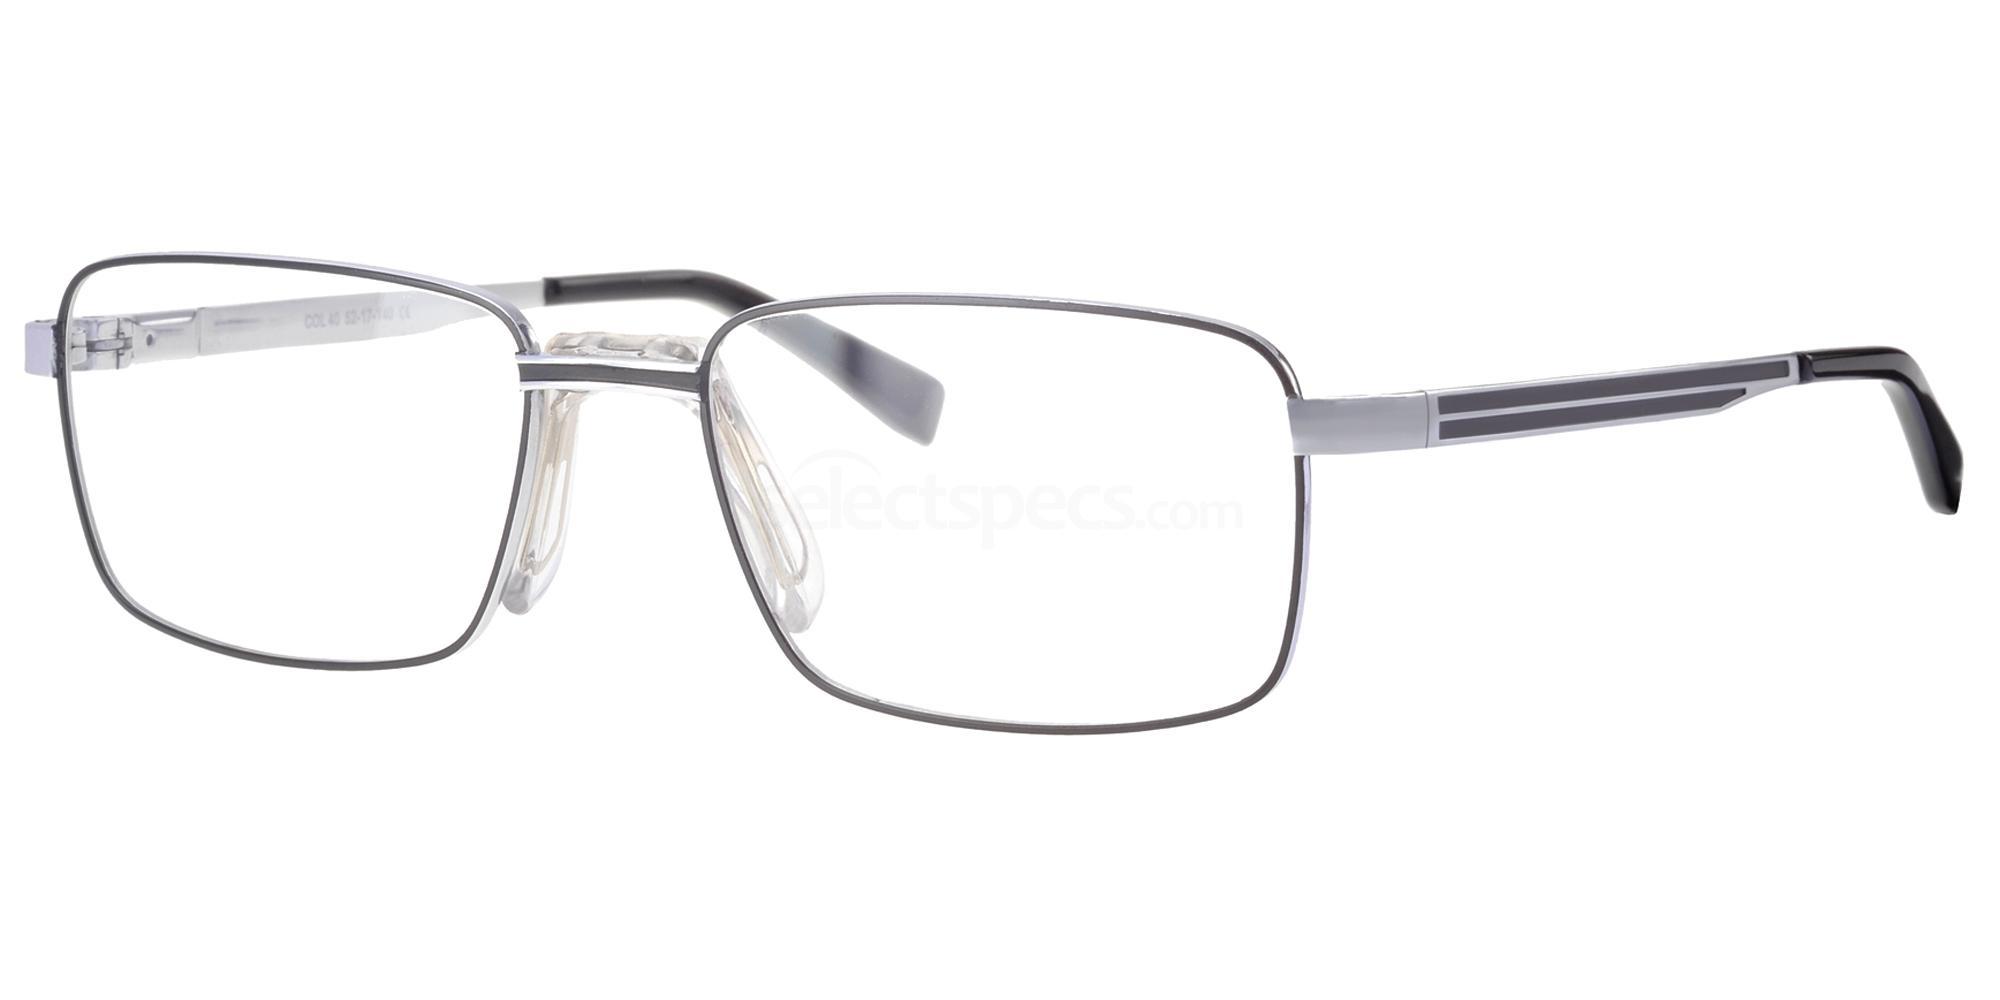 C40 726 Glasses, Ferucci Titanium